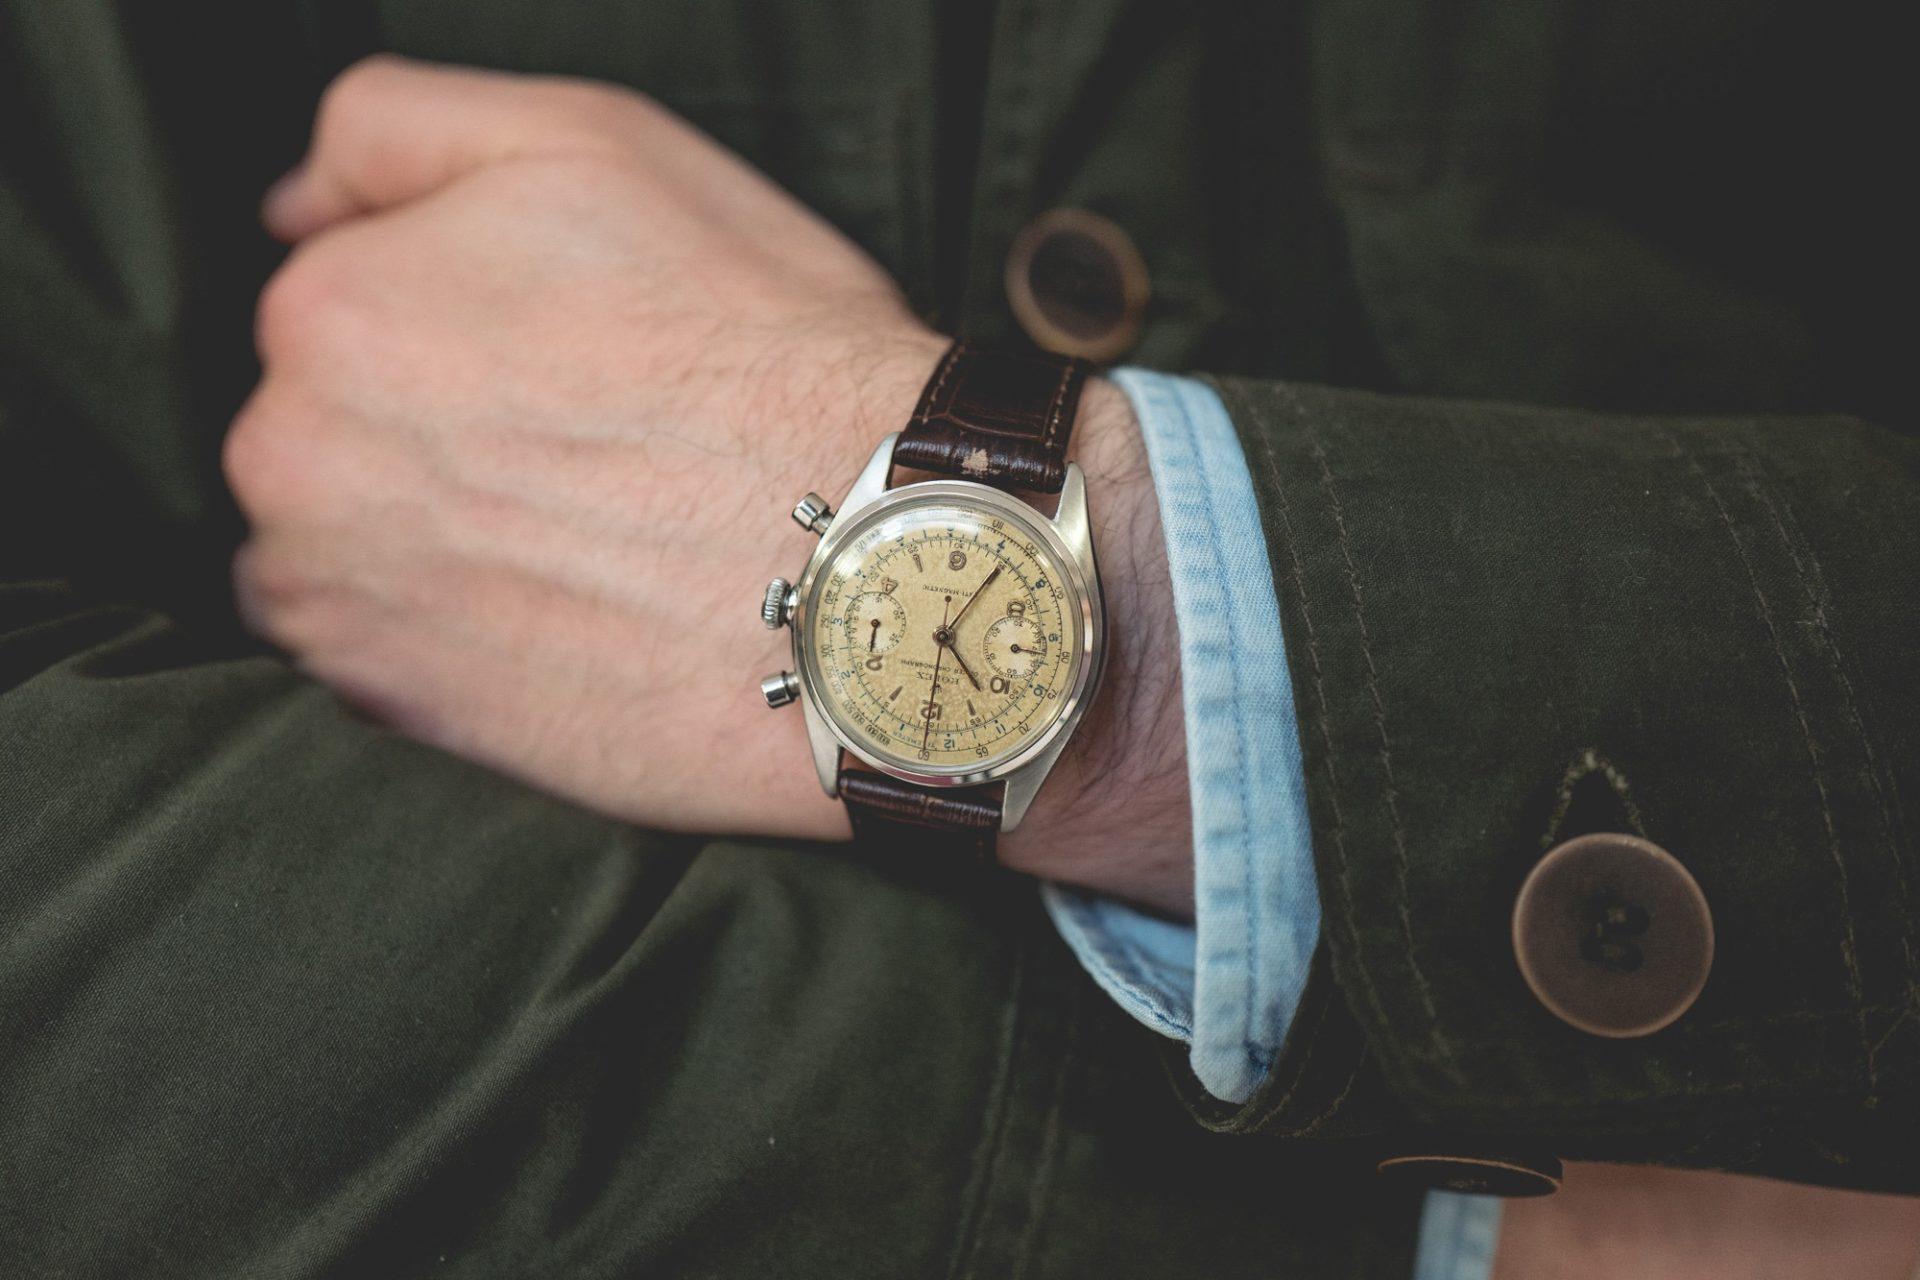 Vente Tajan Georg Fischer Rolex Oyster Chronograph Ref. 4500 - Poignet